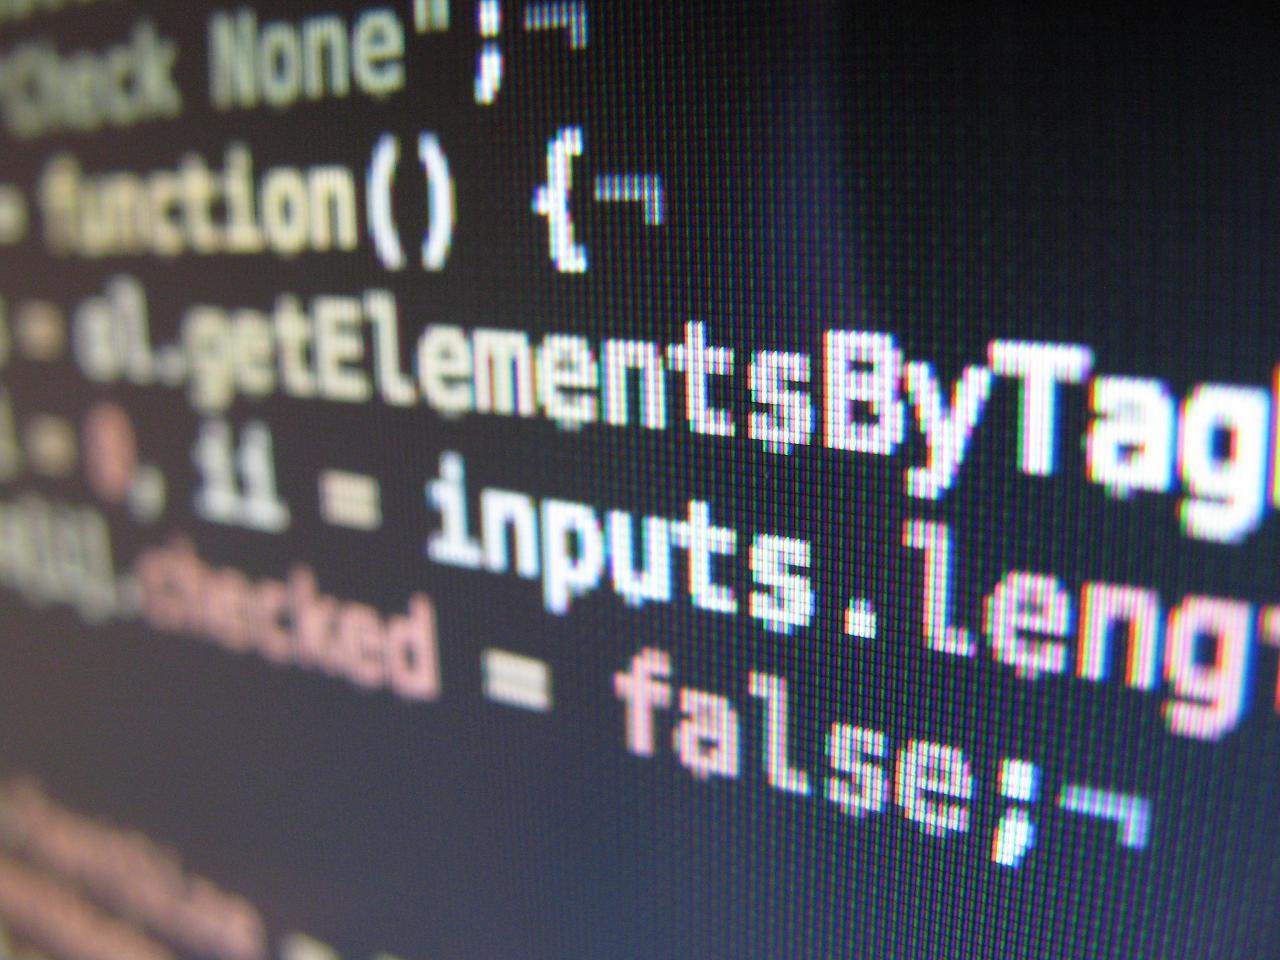 Código de Javascript